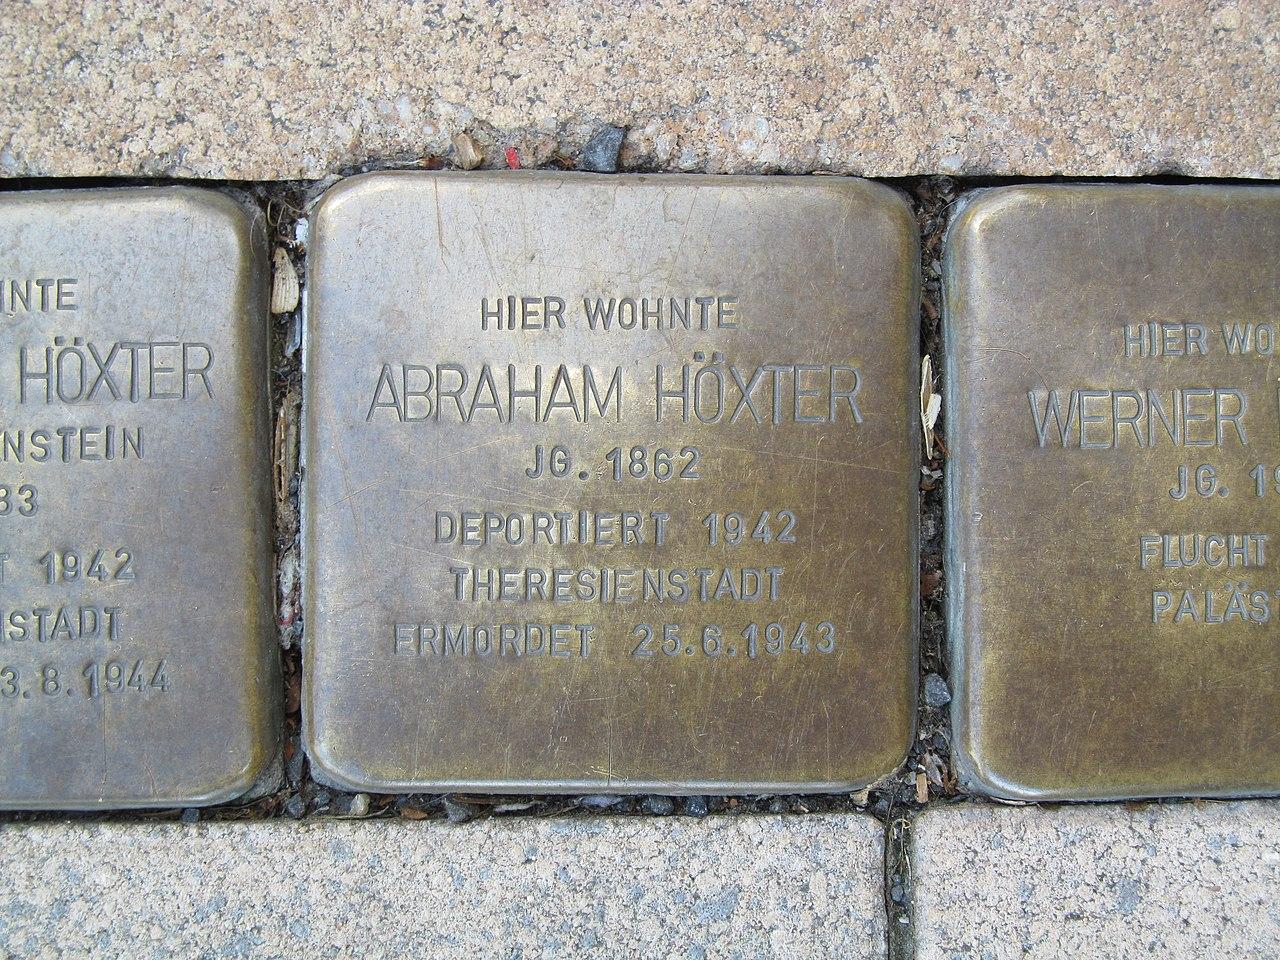 der Stolperstein für Abraham Höxter vor dem Haus Bahnhofstraße 33 in Treysa